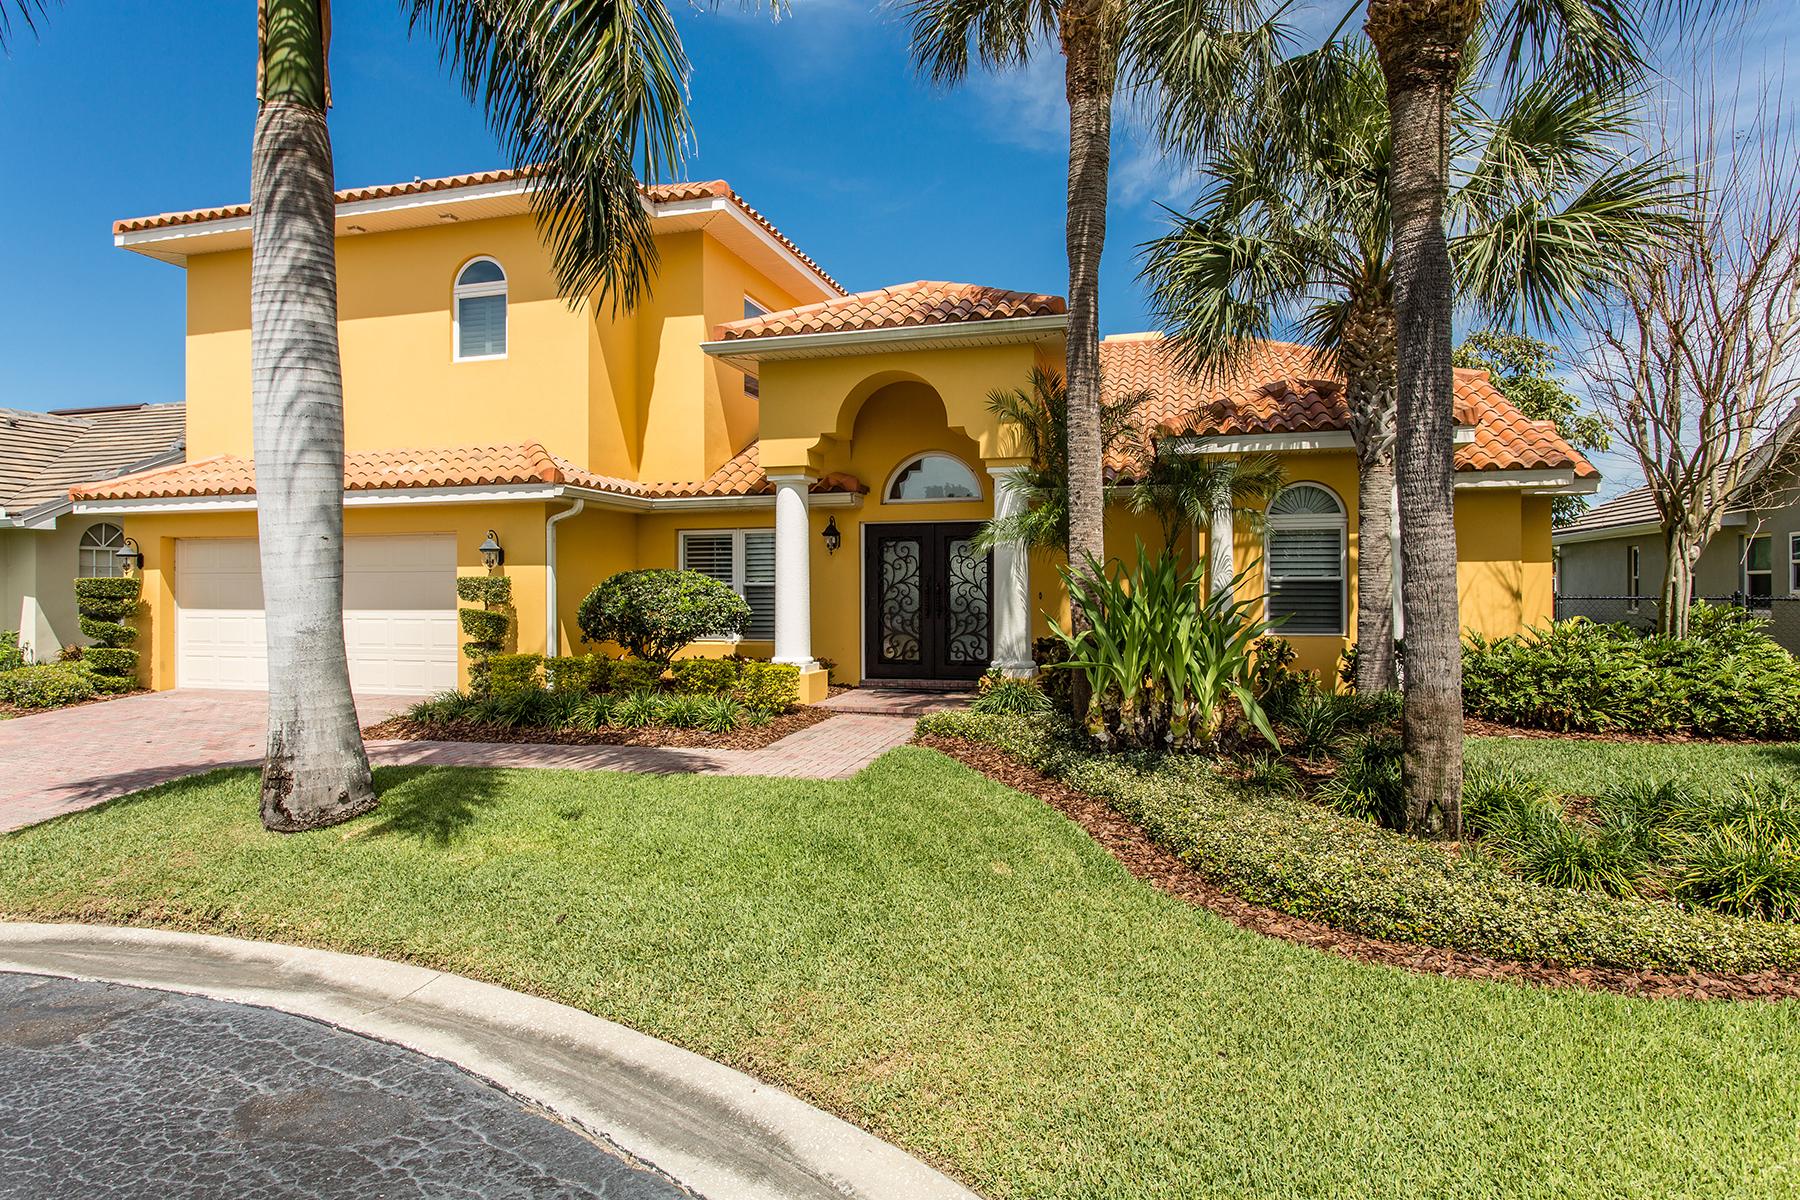 Maison unifamiliale pour l Vente à VENETIAN PLACE 4687 Alisa Cir NE St. Petersburg, Florida, 33703 États-Unis